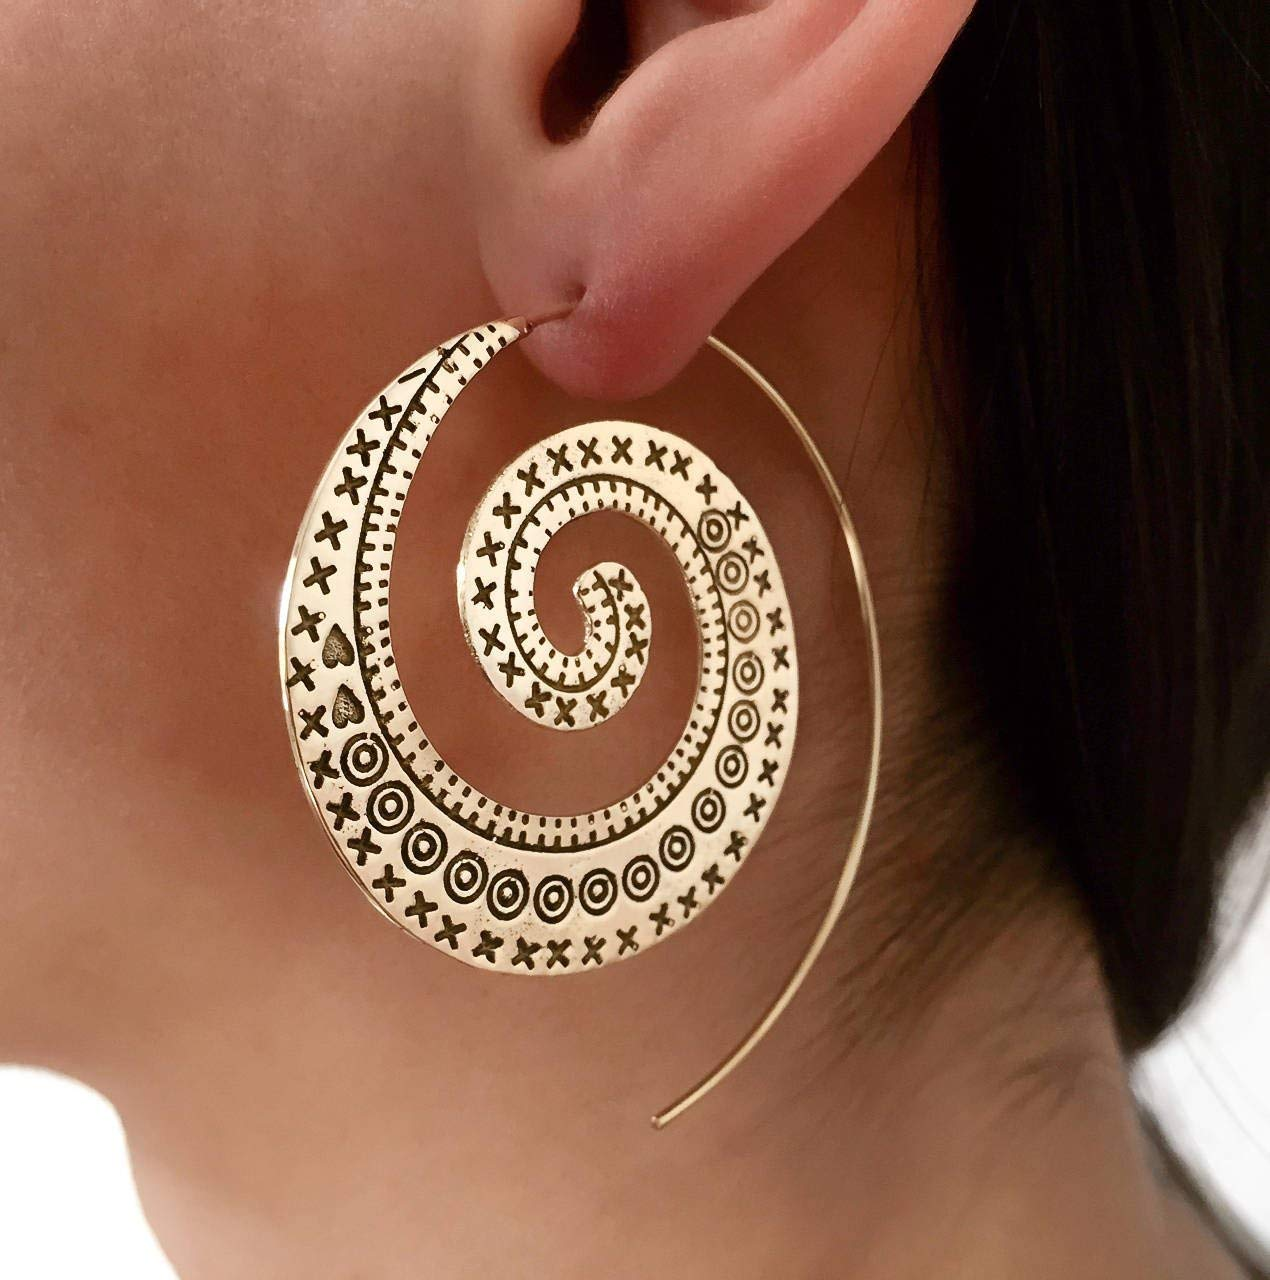 53fb9df9d52d1 Amazon.com: Brass Earrings - Brass Spiral Earrings - Tribal Earrings ...